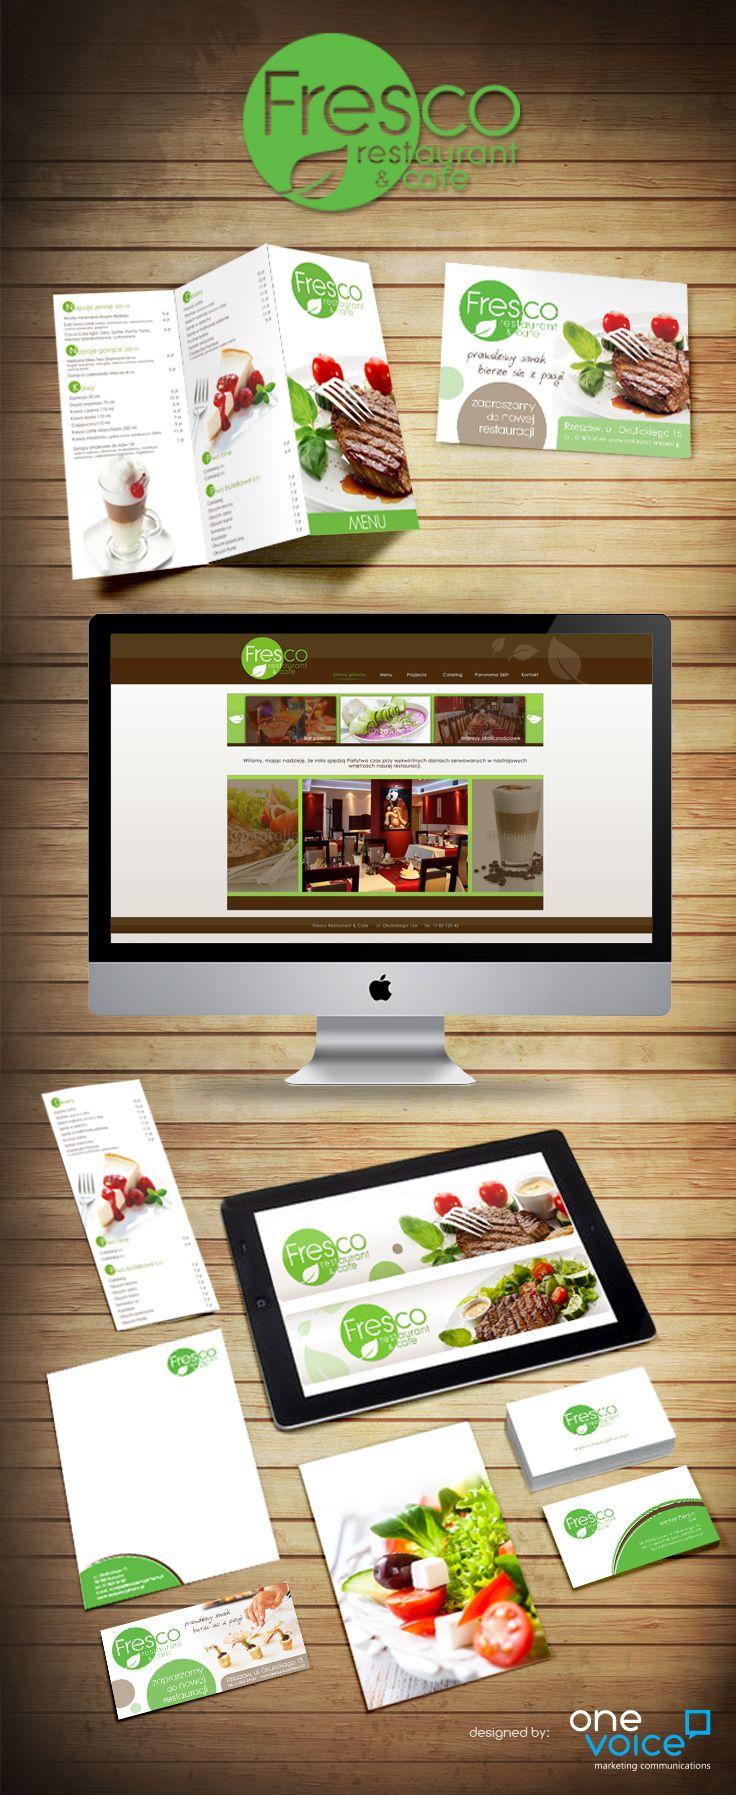 Fresco Restaurant & Cafe.  Naming, logo, web design, promotional materials